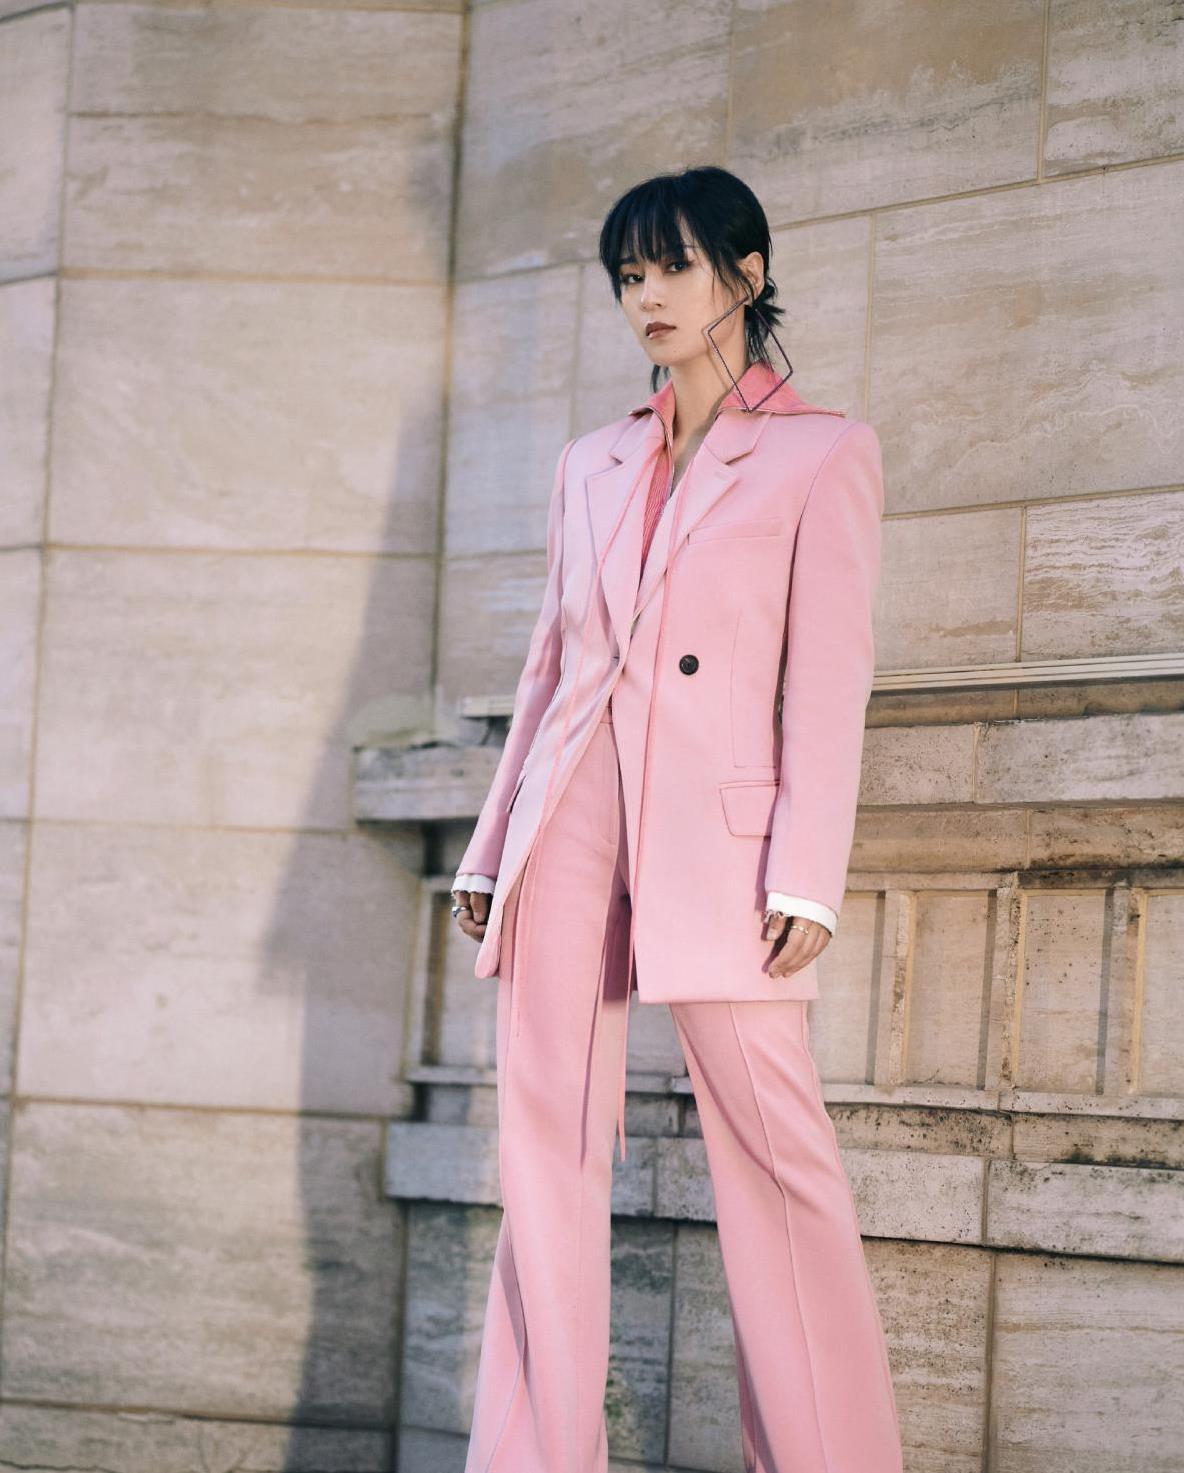 周笔畅挑战新风格!樱花粉西装优雅随性,展现酷女孩的梦幻美